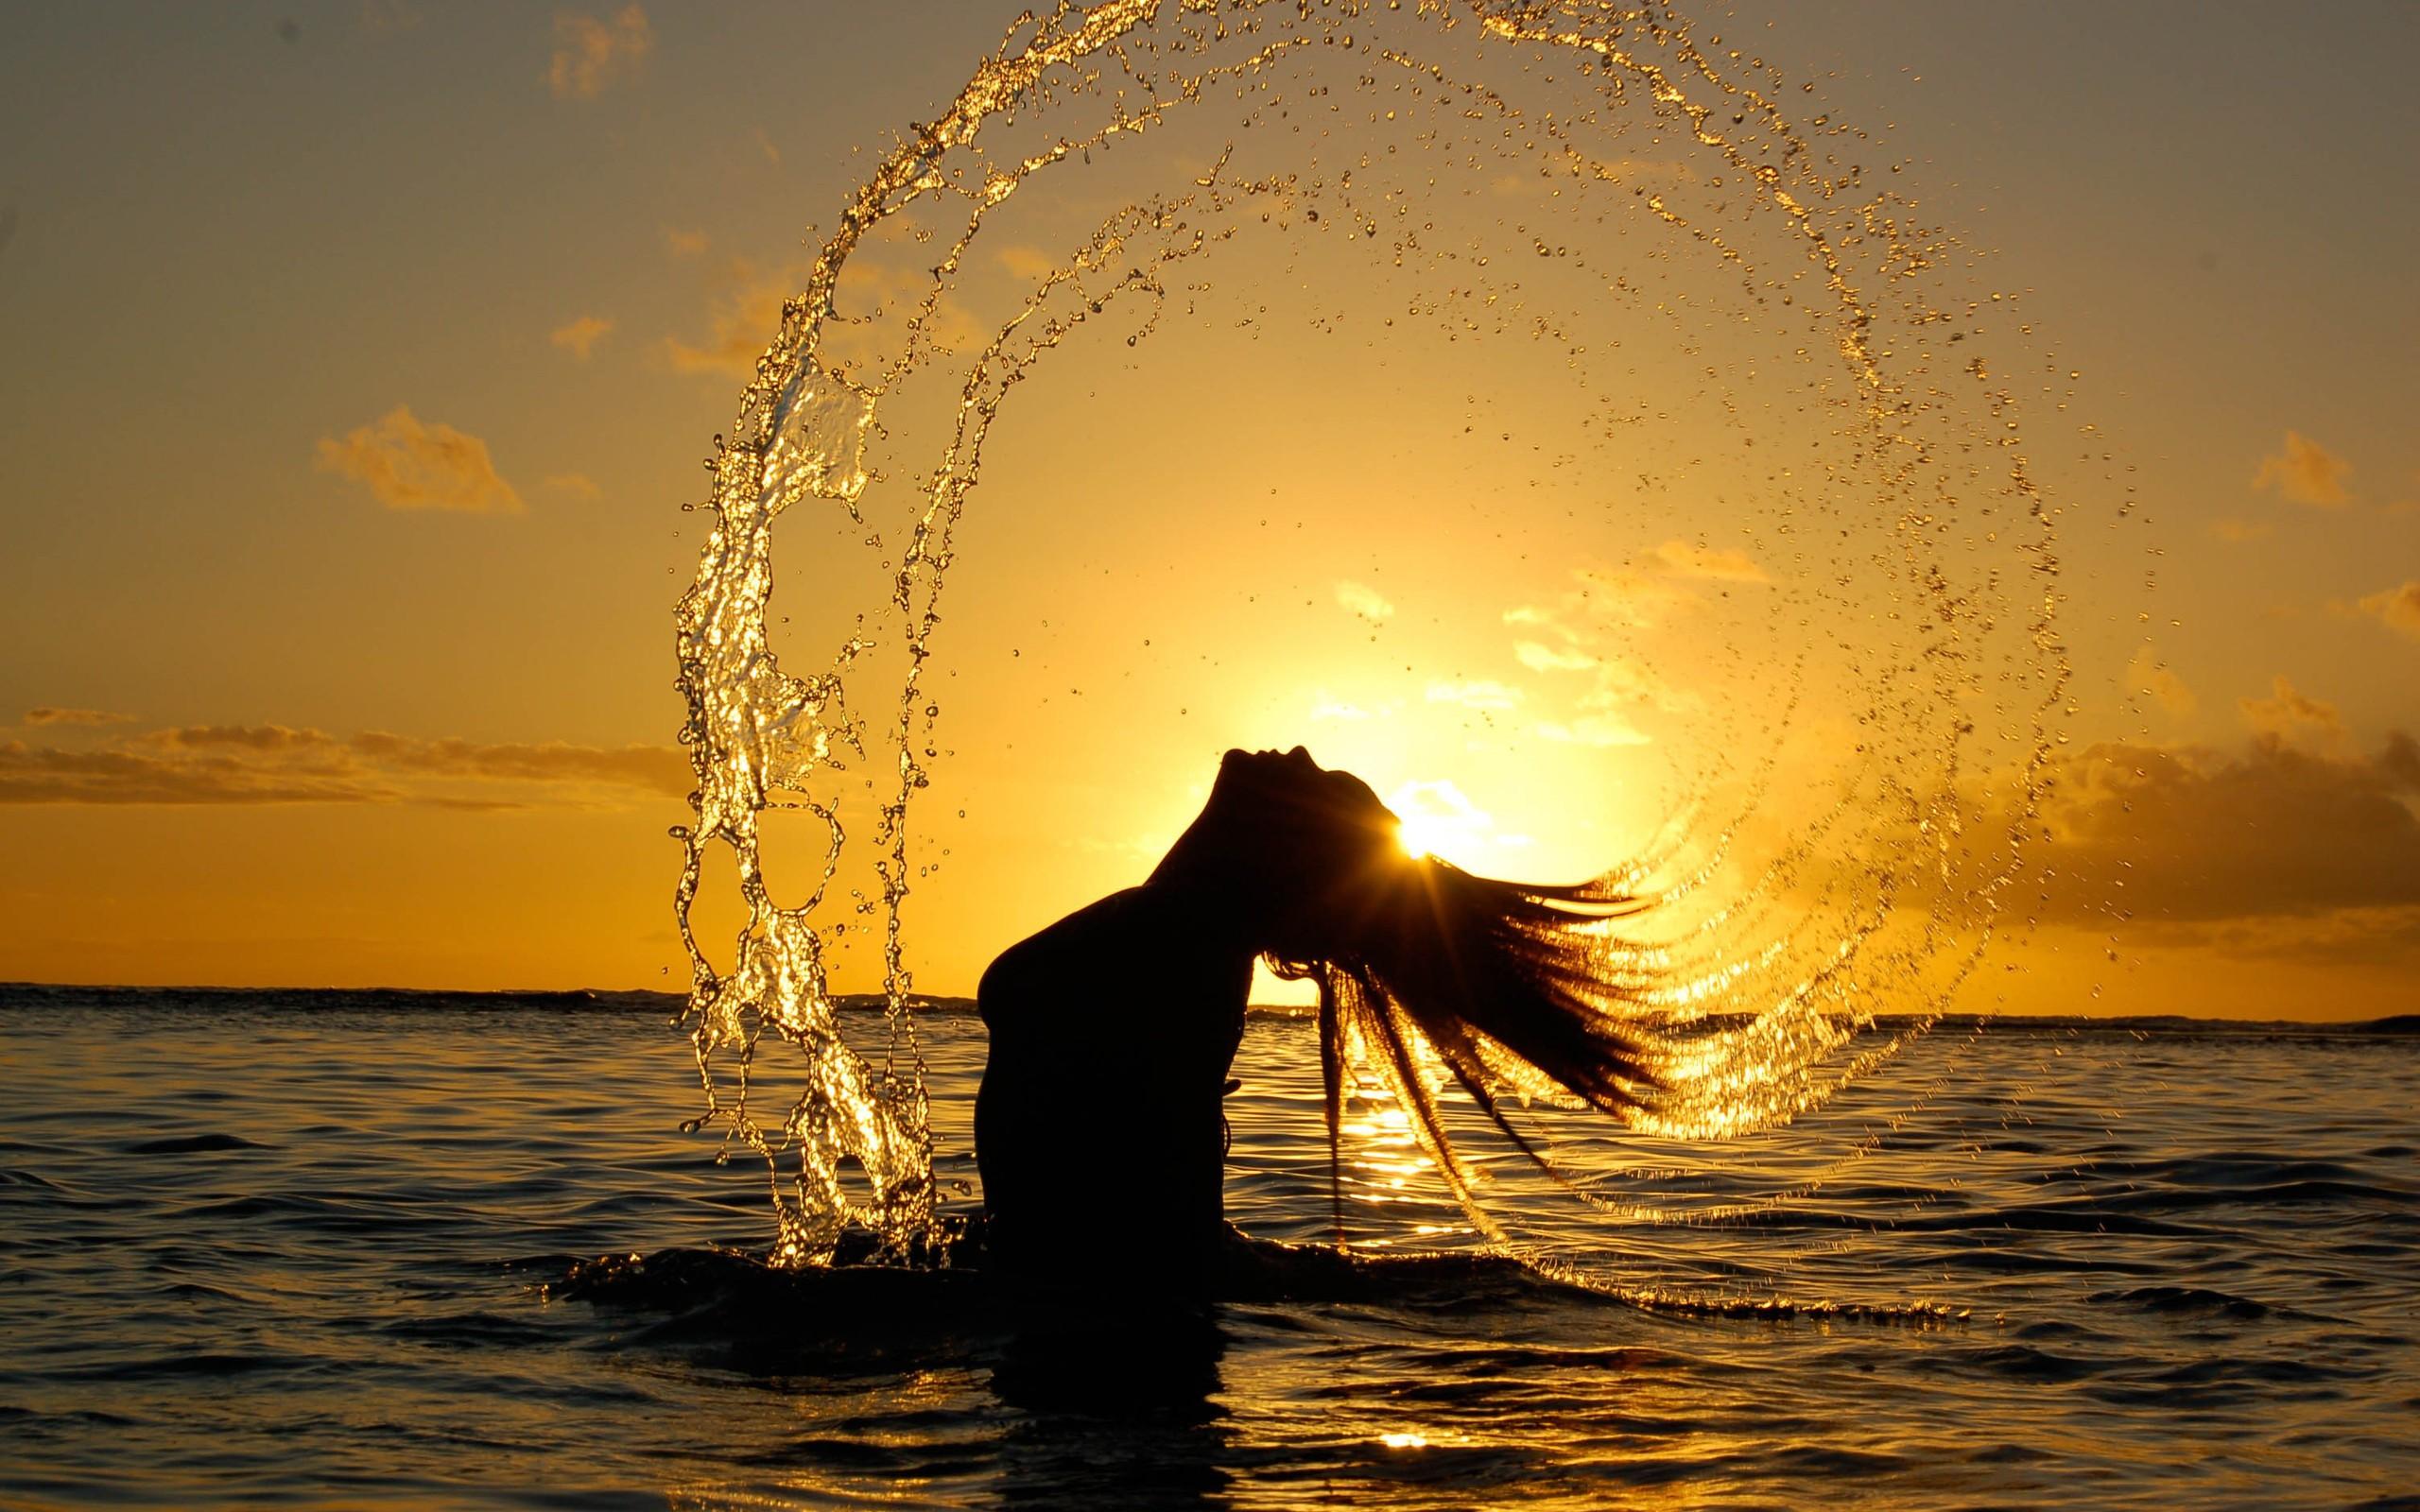 Chica en la playa al atardecer - 2560x1600